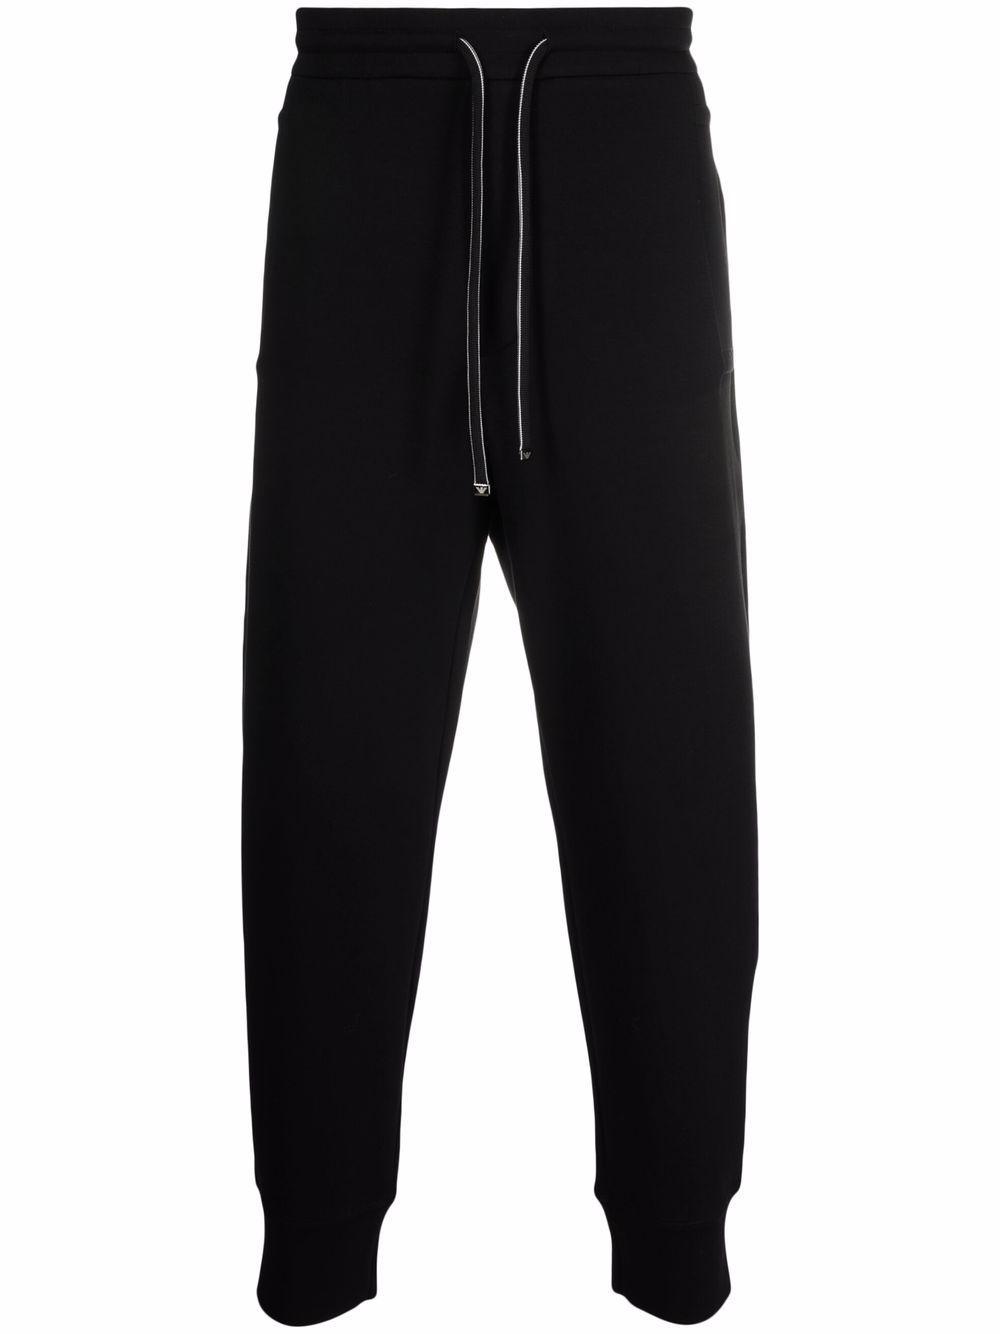 Pantalone tuta in misto cotone